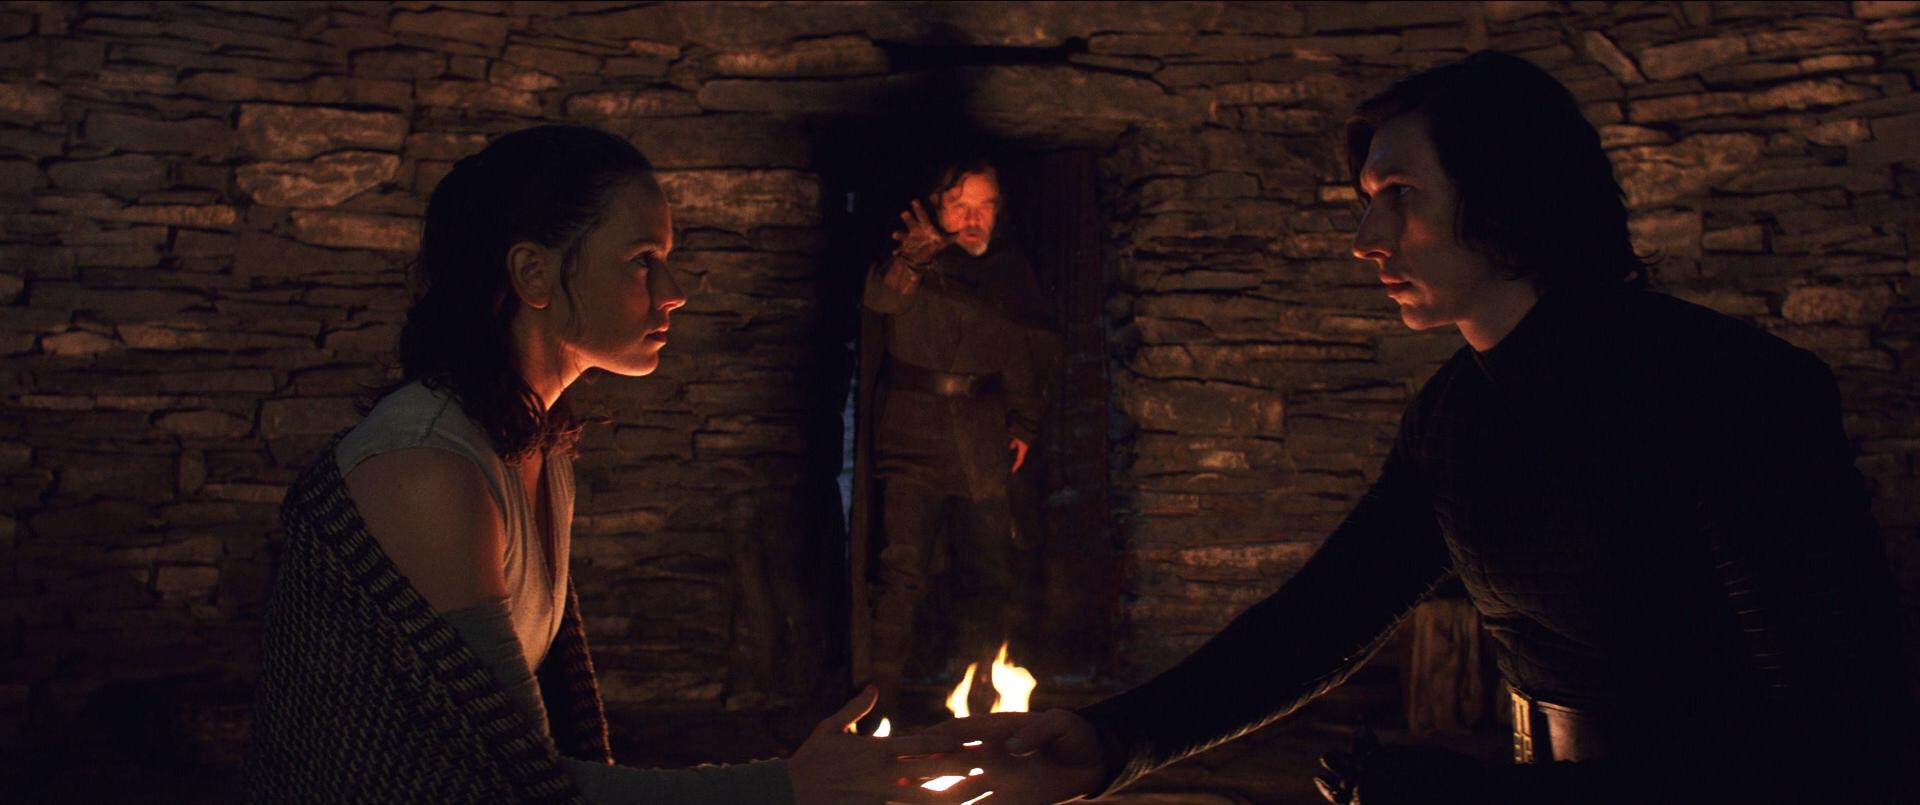 Luke interrupting Rey and Kylo Ren.png